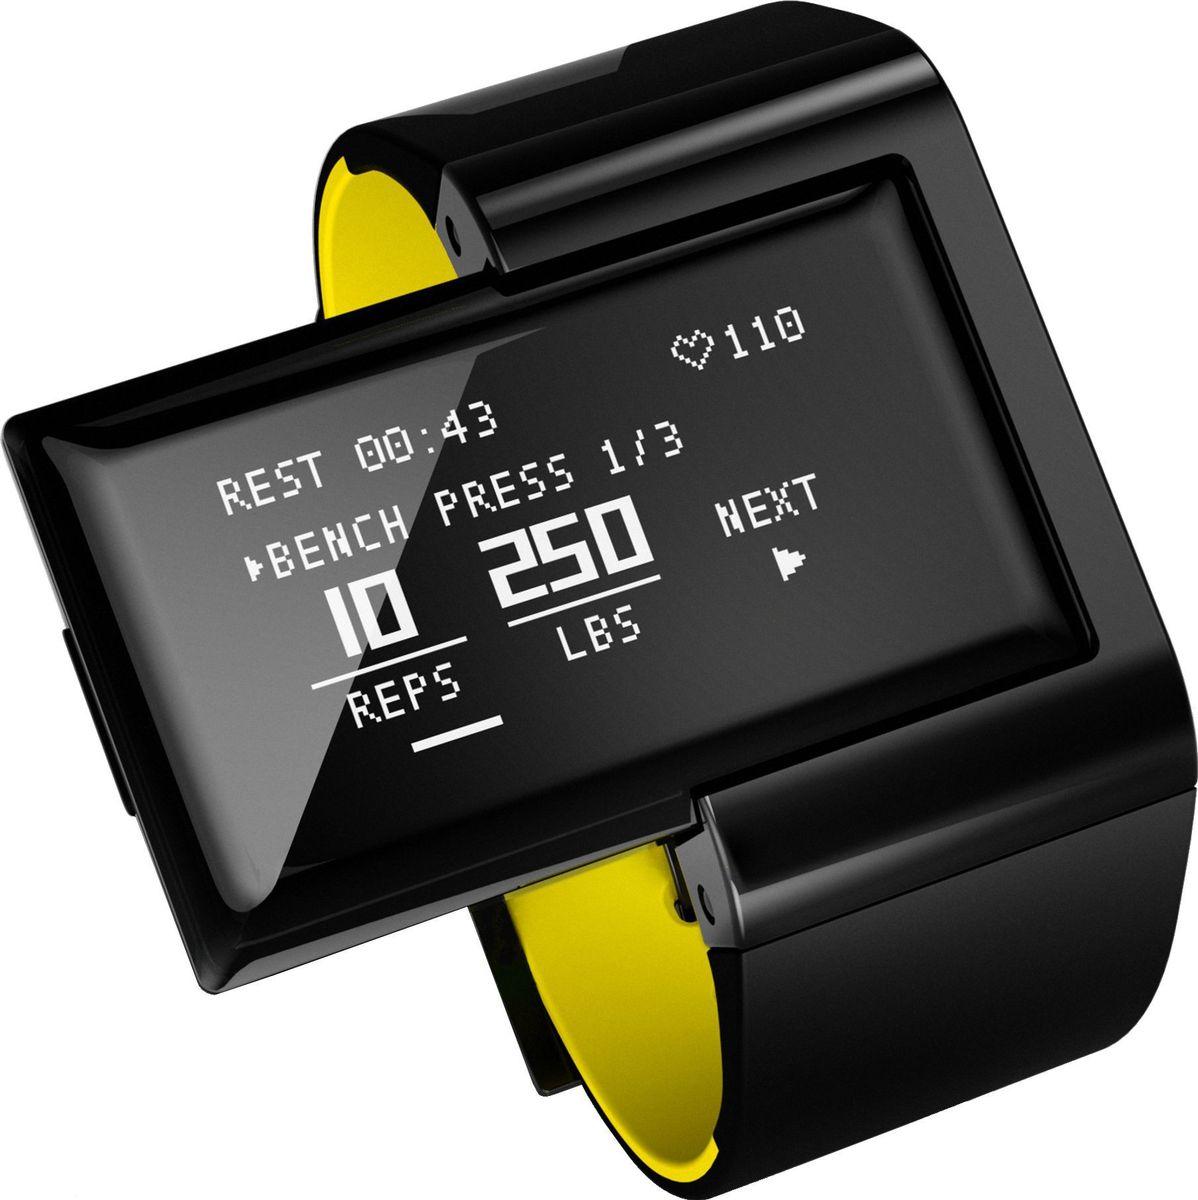 Пульсометр Atlas, цвет: зеленыйA102AW-YLWAtlas Wearables – фитнес-трекер, фиксирующий ежедневную активность и статистику тренировок. Устройство подсчитывает частоту сердечных сокращений, тип и число повторений, интенсивность нагрузки, пройденное расстояние, сожженные калории, оценивает спортивную форму владельца и даже дает советы. В памяти трекера предустановлены сведения о более сотни популярных упражнений. При этом устройство способно учиться, запоминая новые виды движений. Данные статистики синхронизируются с мобильным устройством для наглядной визуализации. ОСОБЕННОСТИ Bluetooth 4.0 позволяет синхронизировать трекер с устройствами на базе Android и iOS Оптический датчик сердечного ритма, отображающий пульс в режиме реального времени 3-х осевой акселерометр и гироскоп, определяющие микродвижения в трехмерном пространстве Режим Freestyle Mode: определяет упражнение, подсчитывает число повторений, замеряет пульс и рассчитывает количество сожжённых калорий Режиме Coach Mode: позволяет выбрать упражнение из обширной базы,...